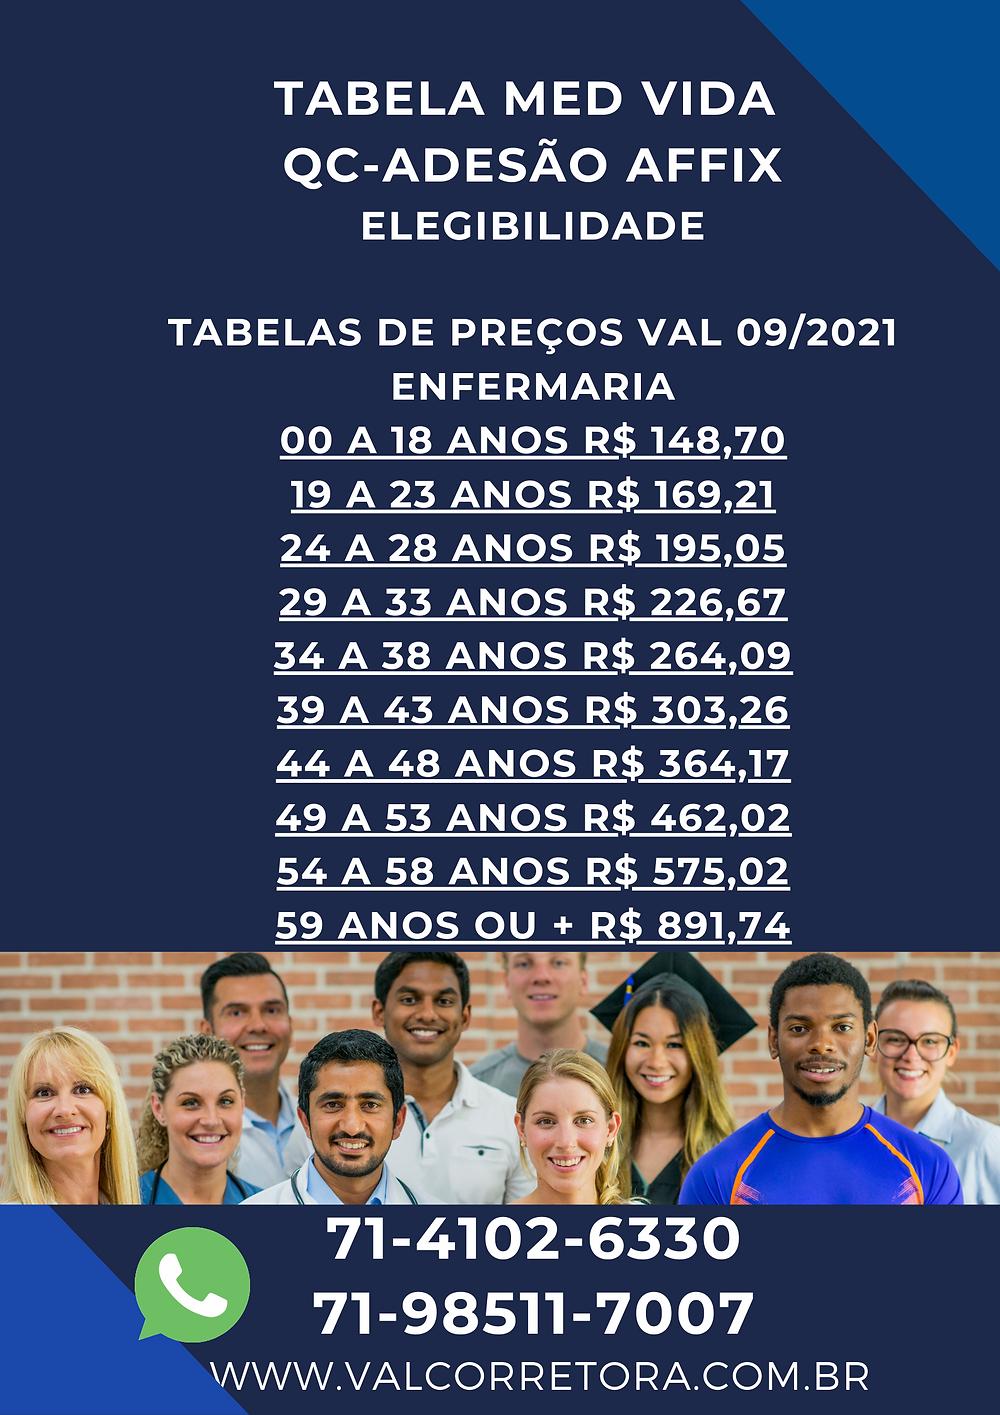 TABELAS PLANO DE SAUDE EM SALVADOR